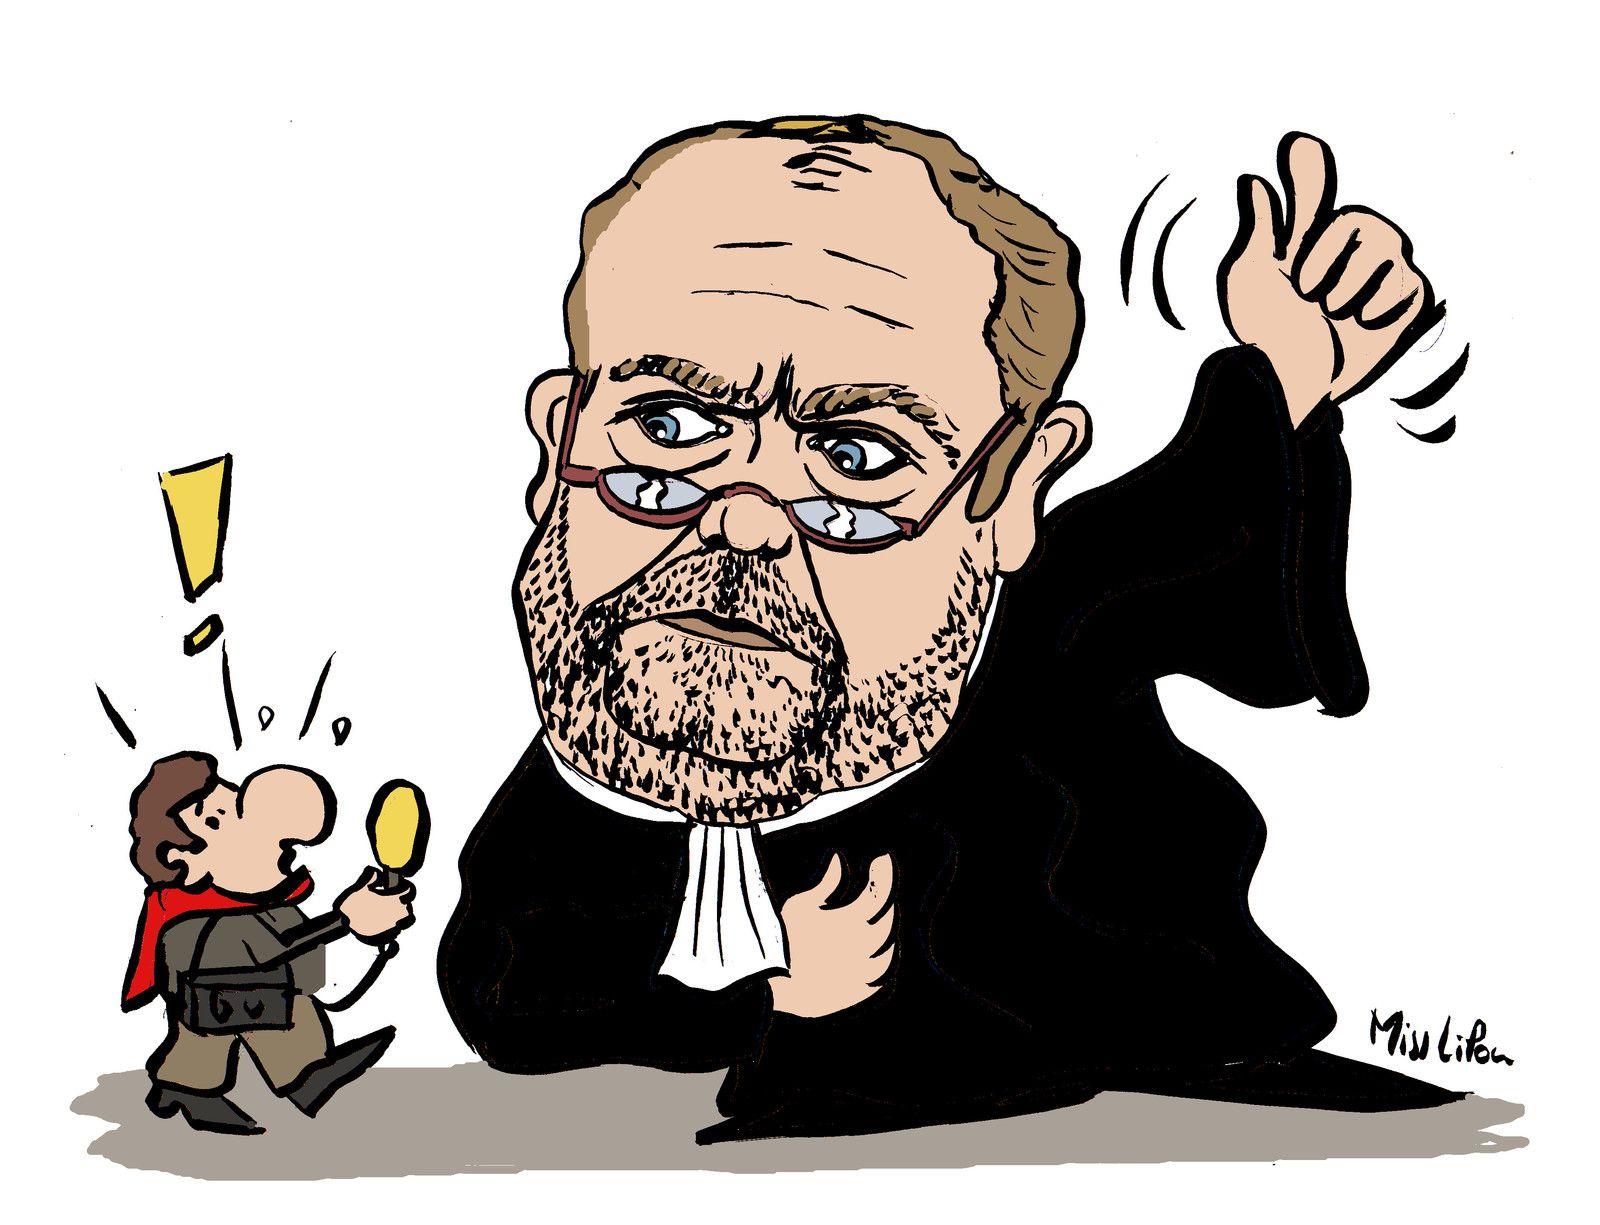 Le nouveau Ministre de la Justice : l'avocat Éric Dupond-Moretti !